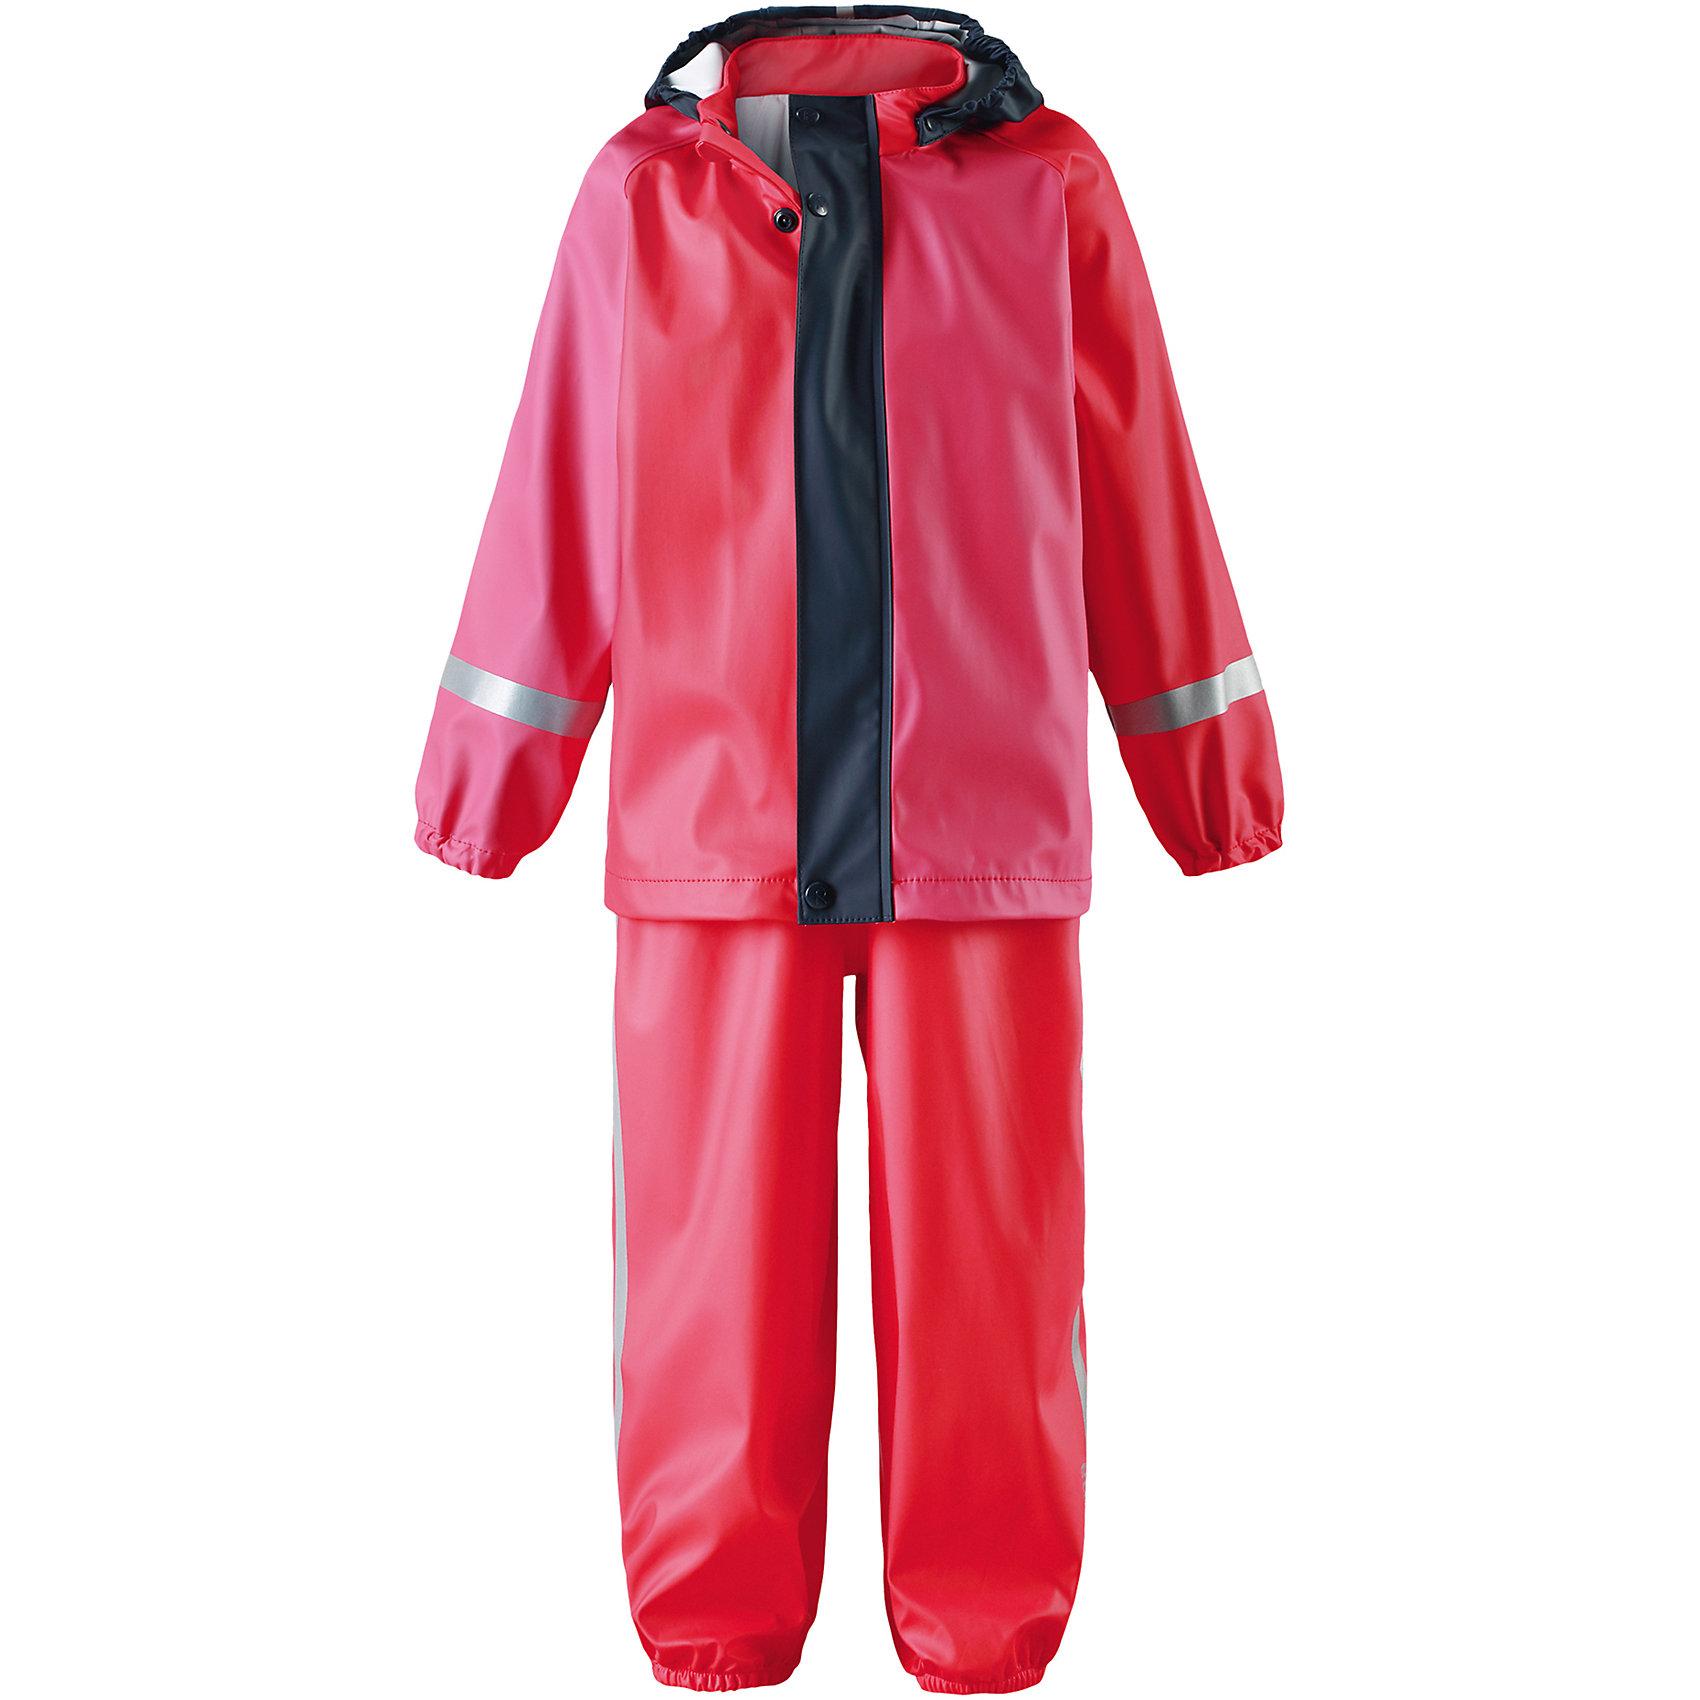 Непромокаемый комплект Tihku: куртка и брюки для девочки ReimaХарактеристики товара:<br><br>• цвет: красный<br>• состав: 100% полиэстер, полиуретановое покрытие<br>• температурный режим: от +10°до +20°С<br>• водонепроницаемость: 10000 мм<br>• без утеплителя<br>• комплектация: куртка, штаны<br>• водонепроницаемый материал с запаянными швами<br>• эластичный материал<br>• не содержит ПВХ<br>• безопасный съемный капюшон<br>• эластичные манжеты <br>• регулируемая талия<br>• эластичные манжеты на брючинах<br>• комфортная посадка<br>• съемные эластичные штрипки <br>• регулируемые подтяжки<br>• спереди застёгивается на молнию<br>• светоотражающие детали<br>• страна производства: Китай<br>• страна бренда: Финляндия<br>• коллекция: весна-лето 2017<br><br>Демисезонный комплект из куртки и штанов поможет обеспечить ребенку комфорт и тепло. Предметы отлично смотрятся с различной одеждой. Комплект удобно сидит и модно выглядит. Материал отлично подходит для дождливой погоды. Стильный дизайн разрабатывался специально для детей.<br><br>Обувь и одежда от финского бренда Reima пользуются популярностью во многих странах. Они стильные, качественные и удобные. Для производства продукции используются только безопасные, проверенные материалы и фурнитура.<br><br>Комплект: куртка и брюки для мальчика от финского бренда Reima (Рейма) можно купить в нашем интернет-магазине.<br><br>Ширина мм: 356<br>Глубина мм: 10<br>Высота мм: 245<br>Вес г: 519<br>Цвет: красный<br>Возраст от месяцев: 60<br>Возраст до месяцев: 72<br>Пол: Женский<br>Возраст: Детский<br>Размер: 74,80,86,92,98,116,104,110<br>SKU: 5265454